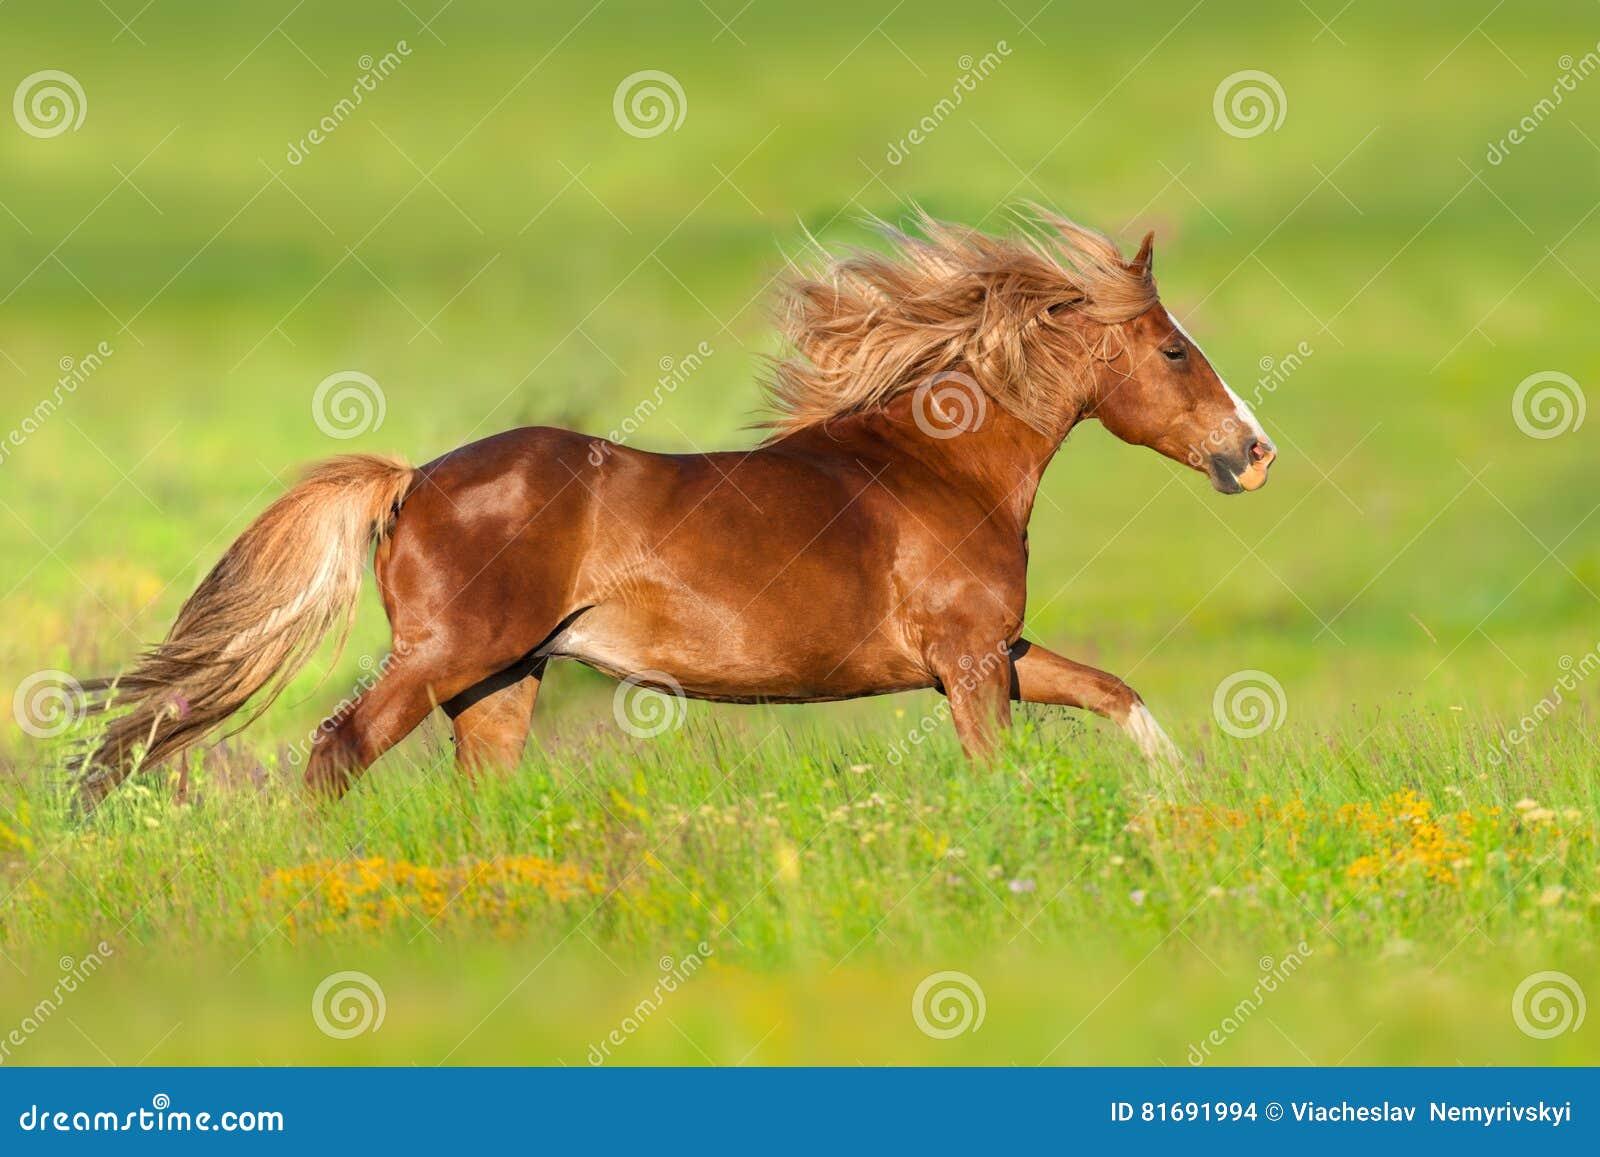 Czerwony konia bieg w kwiatach